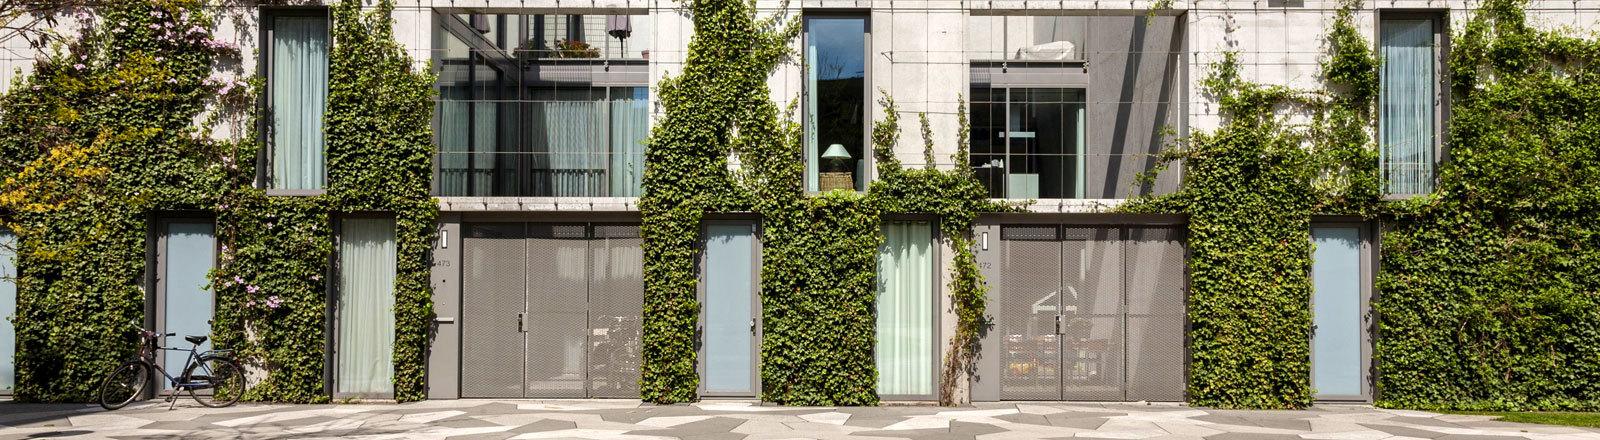 Moderne Architektur in den Niederlanden, begrünte Fassade